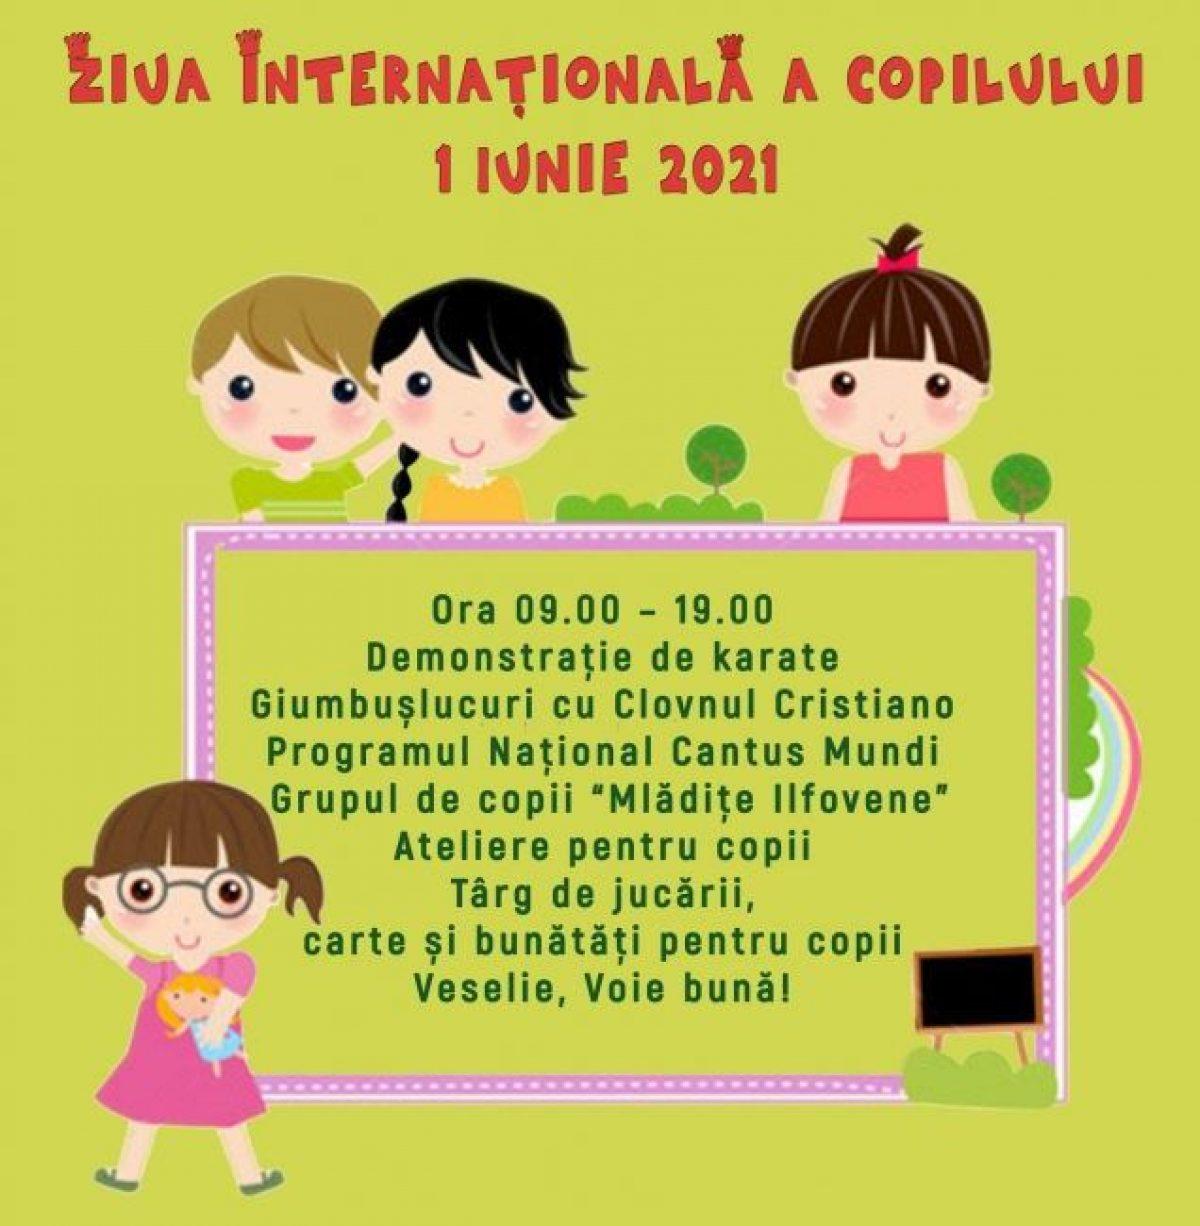 Ziua Internațională a Copilului, la Muzeul Satului din Bucureşti